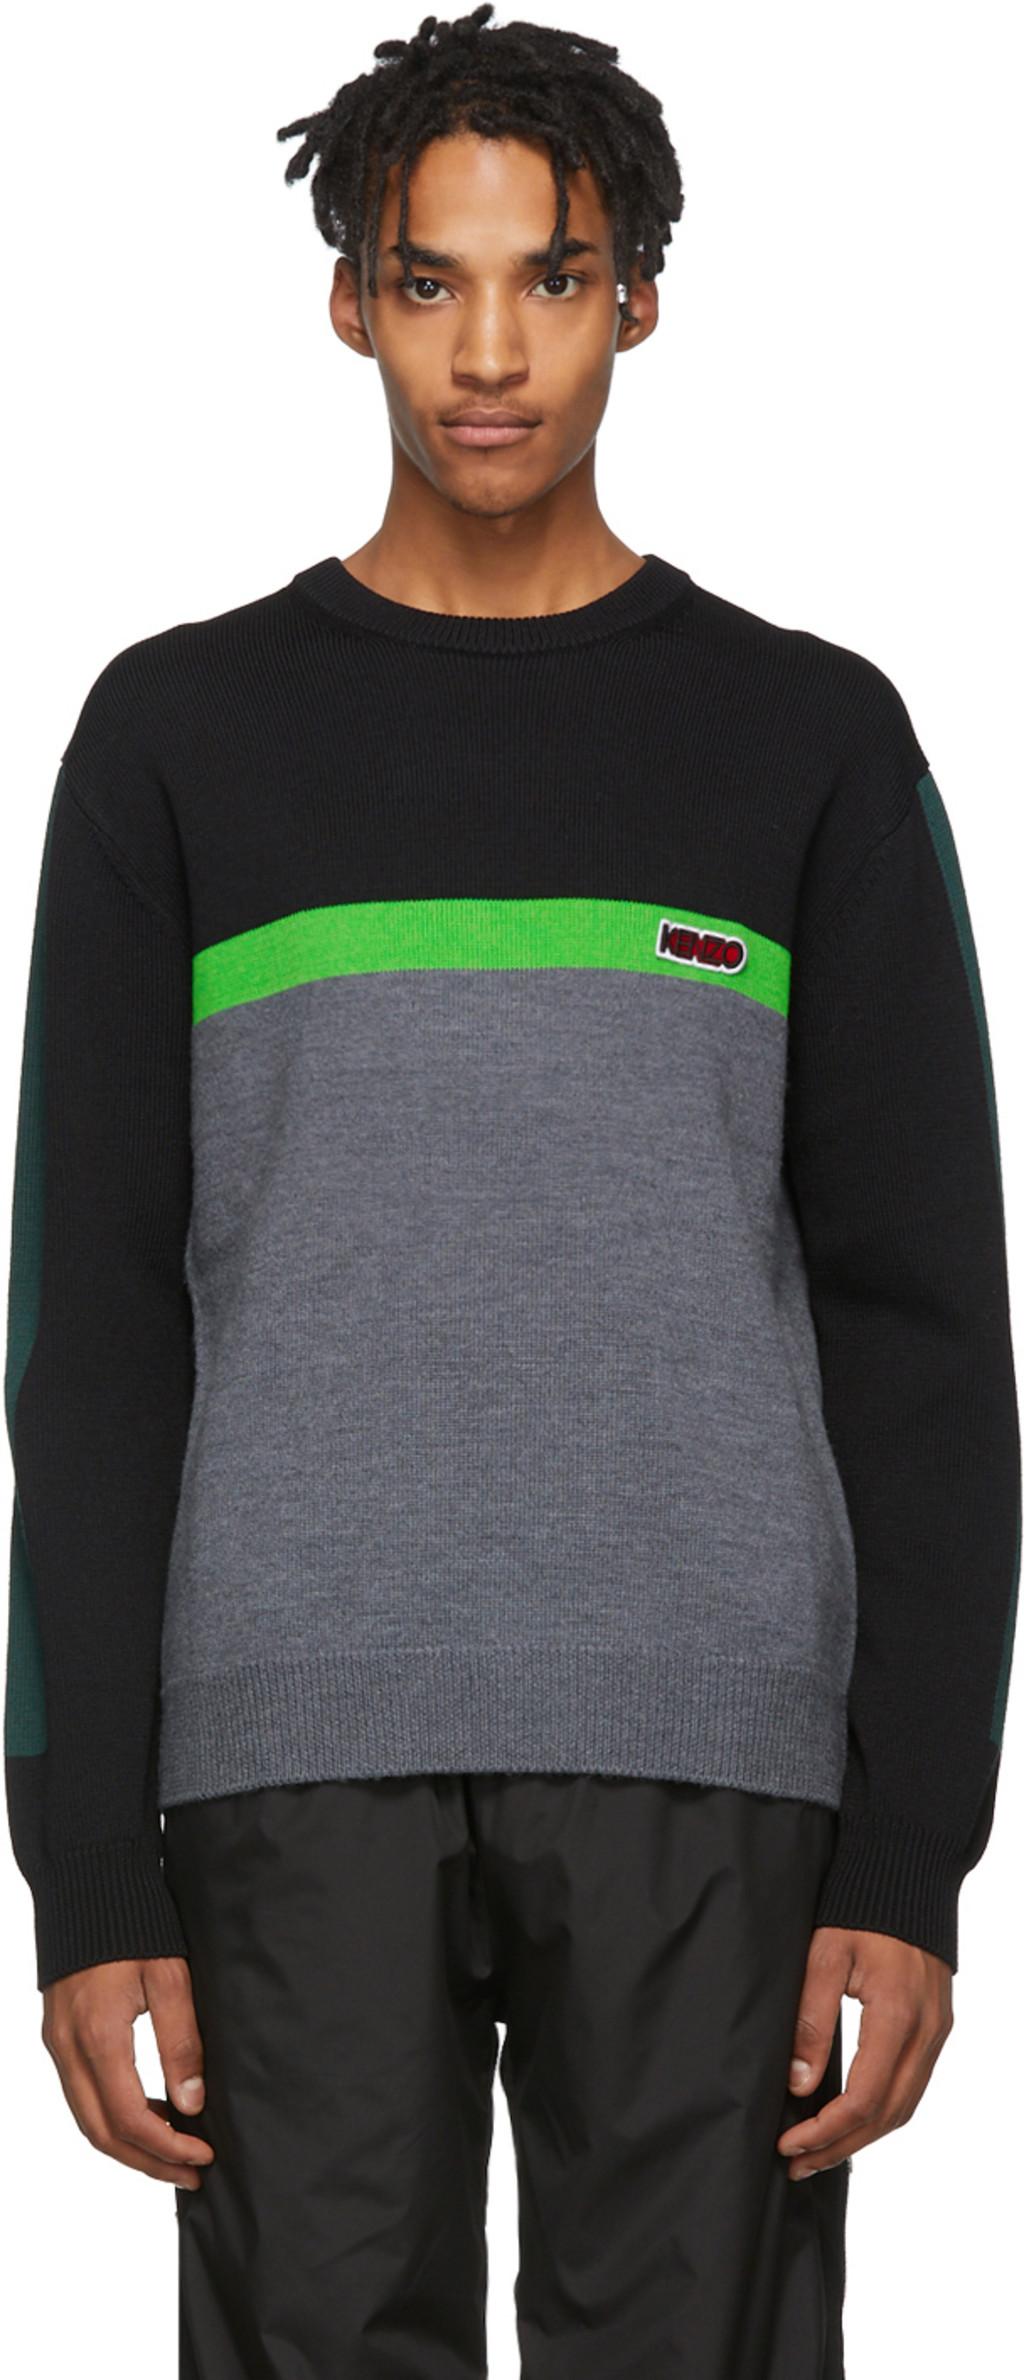 5bc5abf7 Black & Green Colorblock Sweater